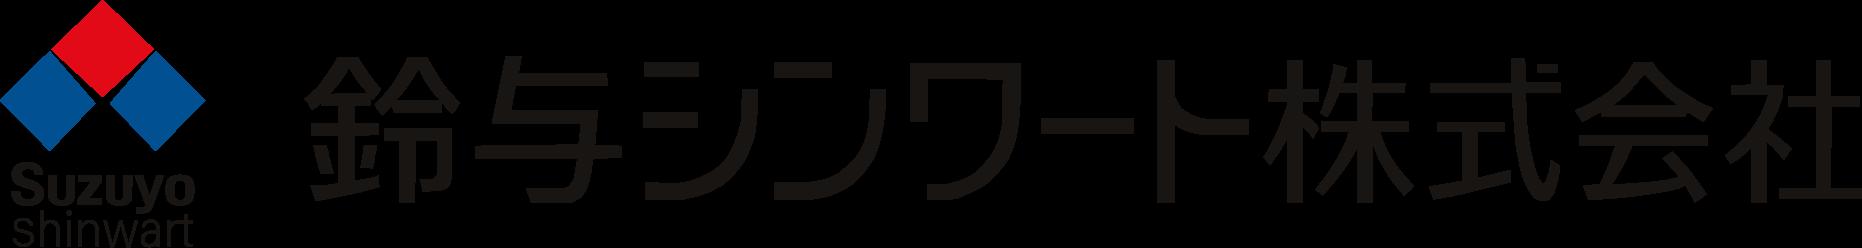 鈴与シンワート株式会社